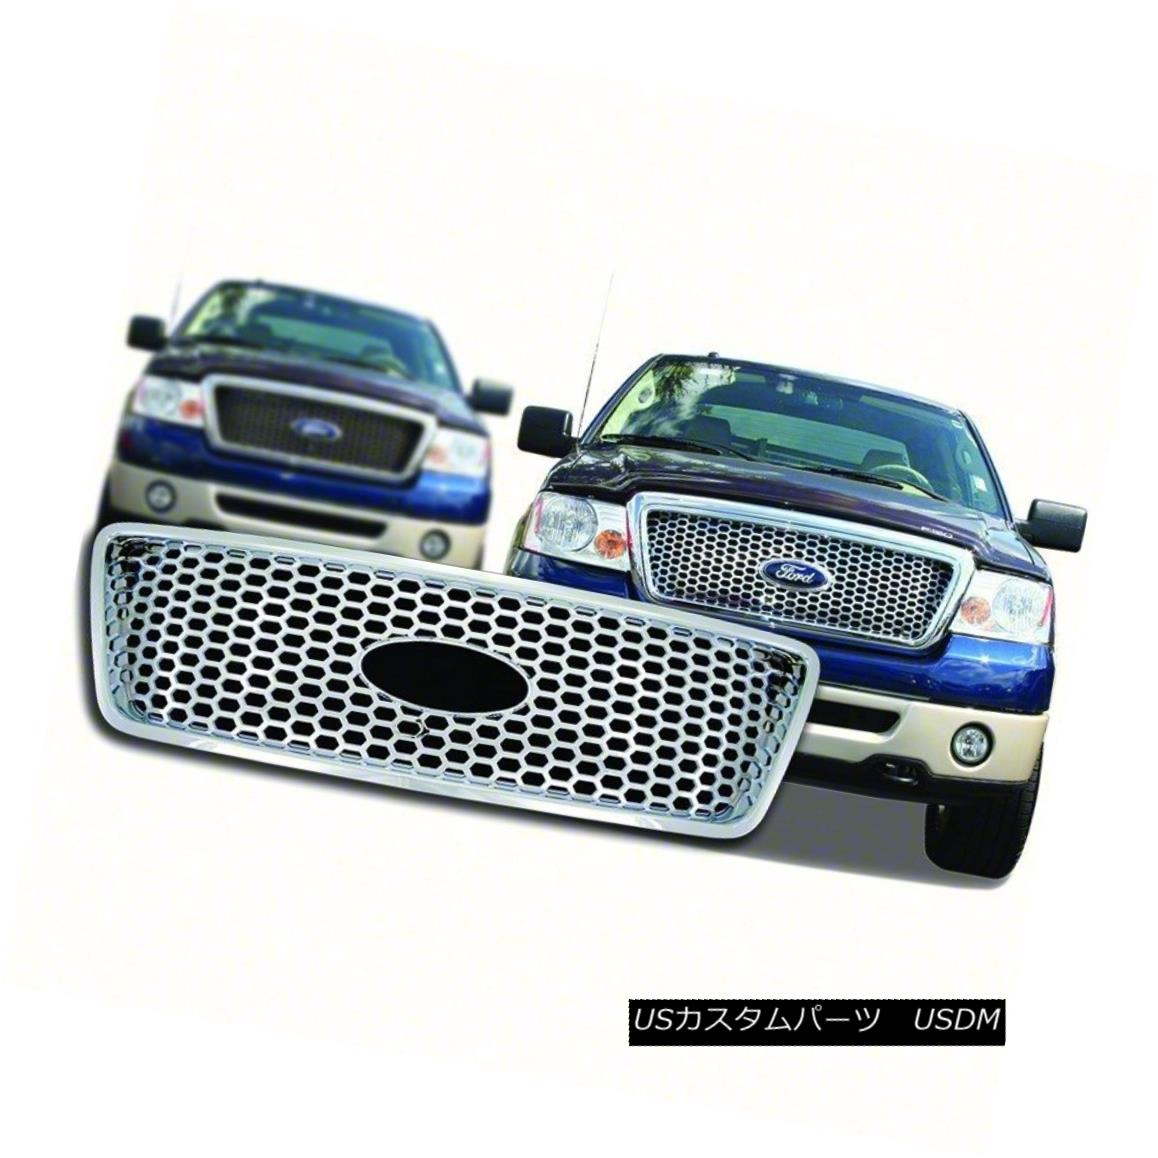 グリル Fits 2004-08 Ford F150-Chrome Grille Overlay-IWCGI88 フィット2004-08 Ford F150-Chromeグリルオーバーレイ-IWCGI8 8